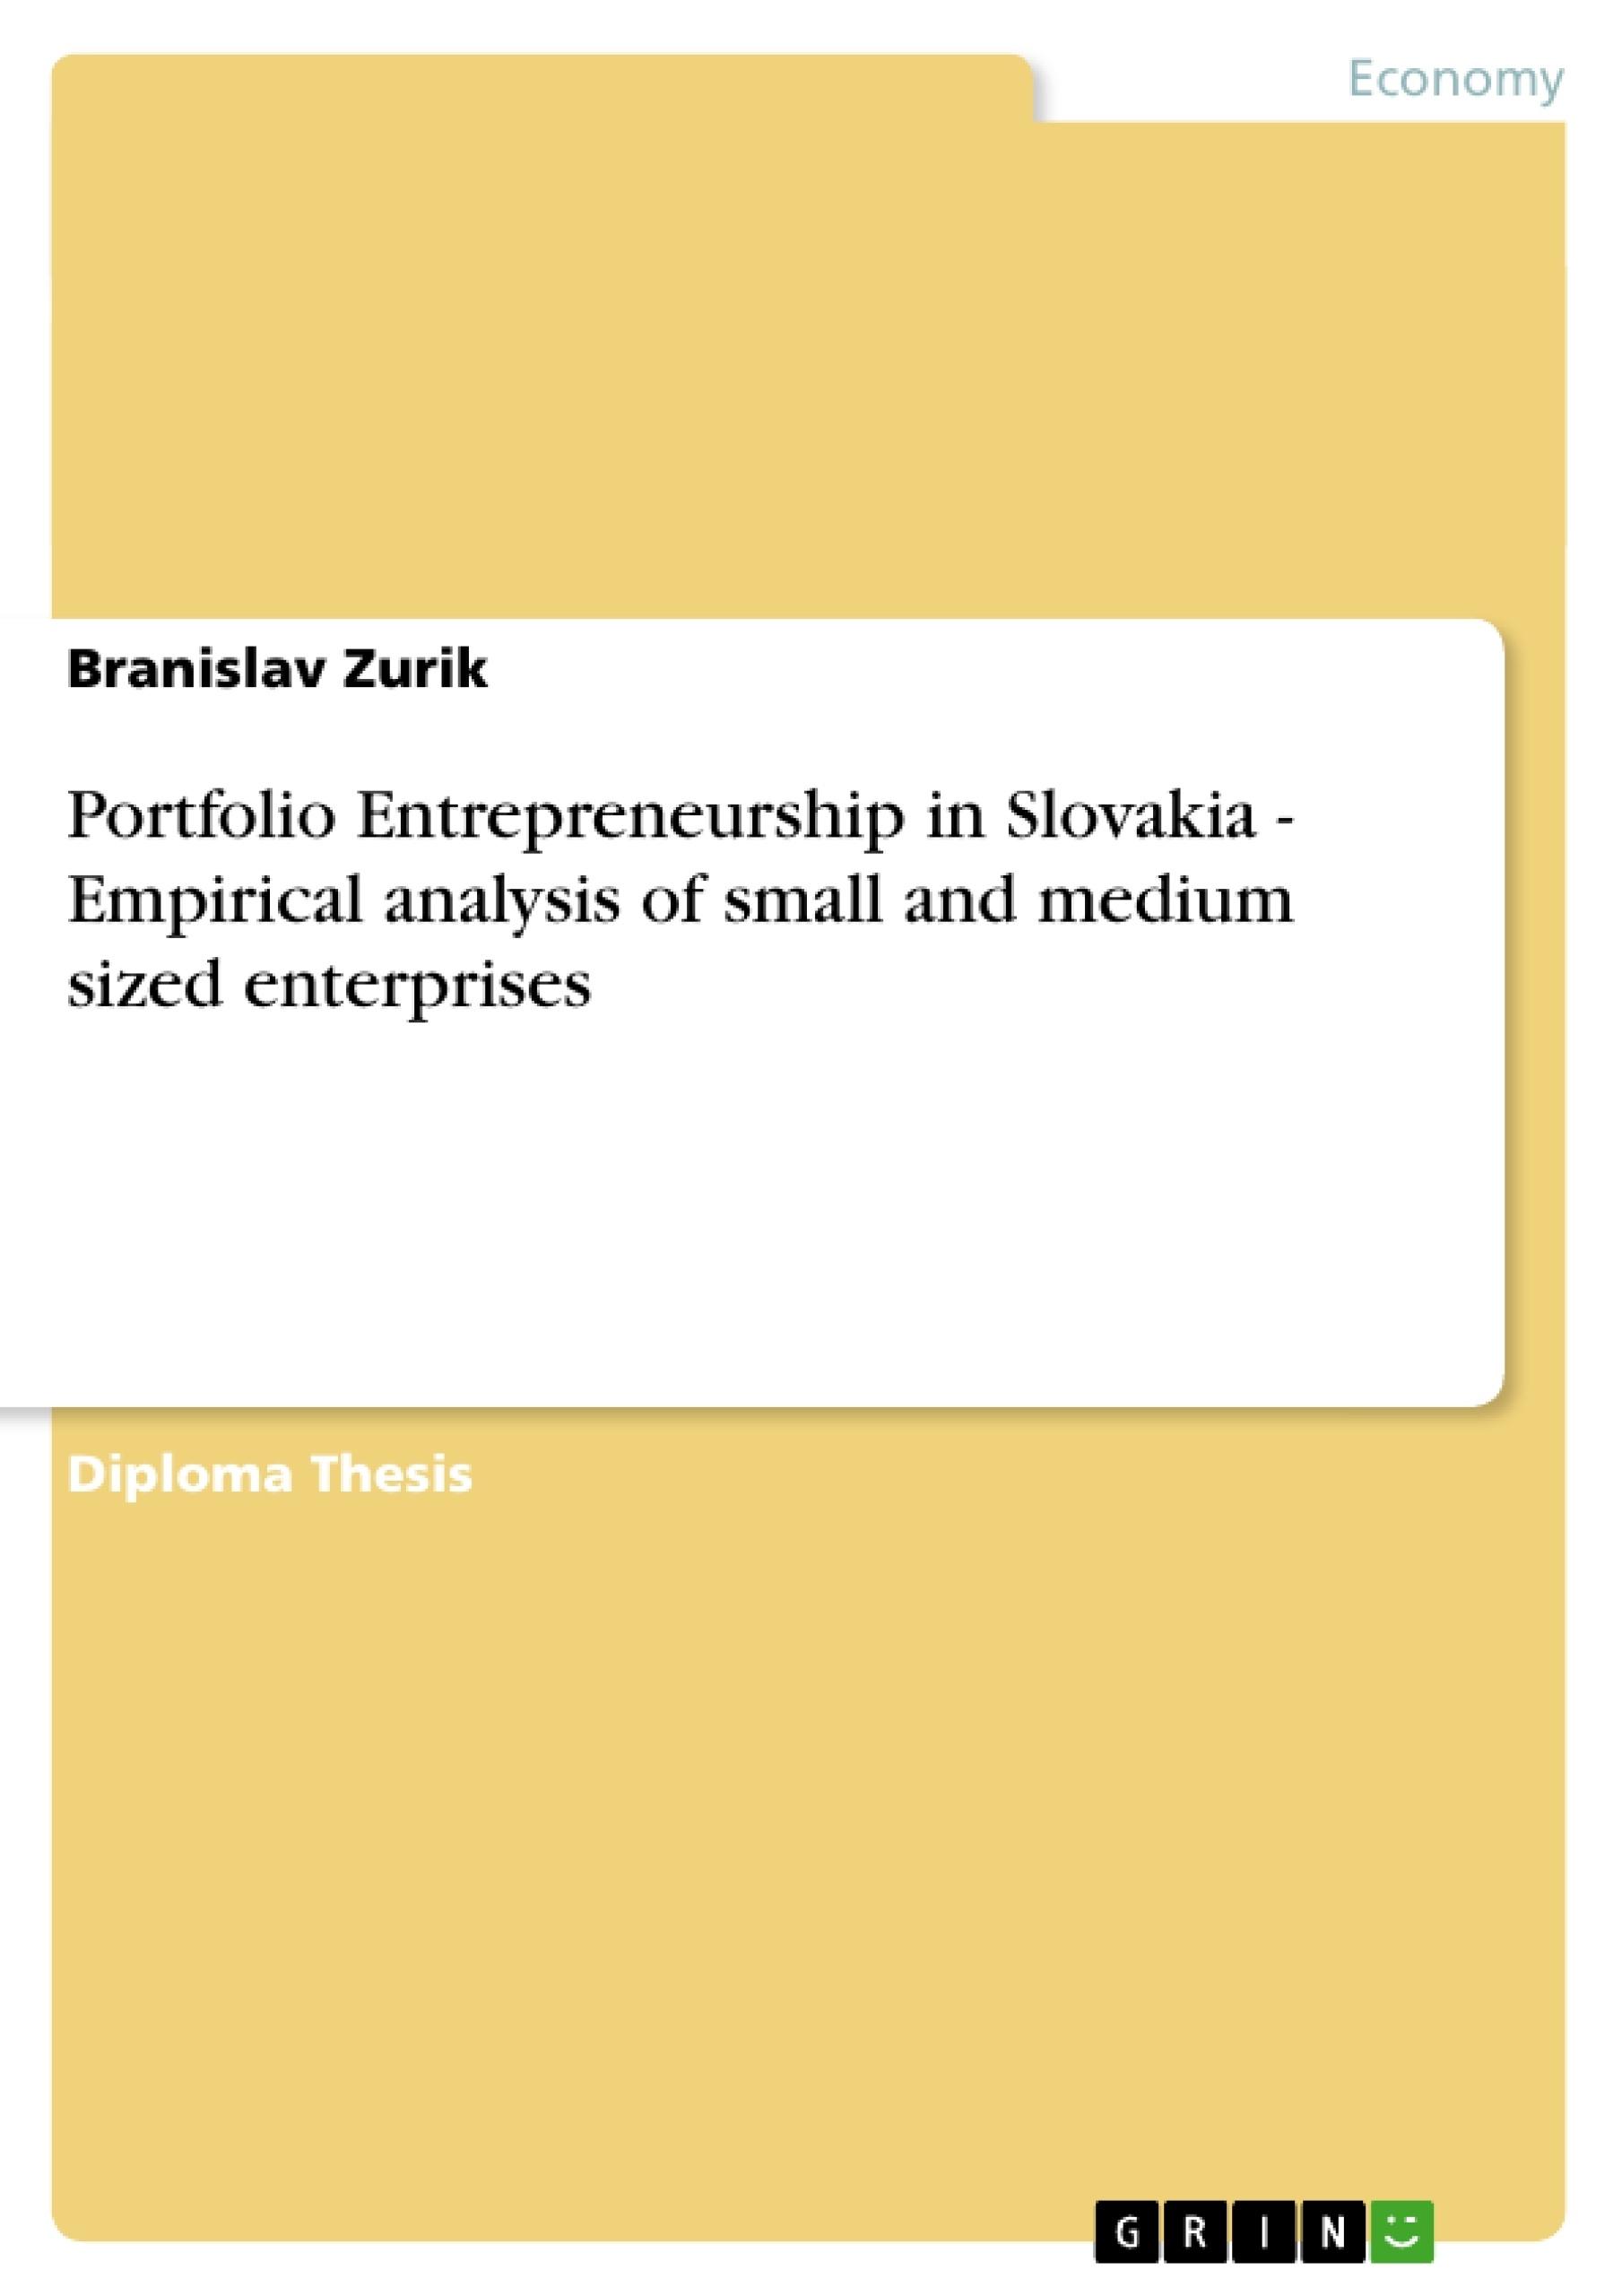 Title: Portfolio Entrepreneurship in Slovakia - Empirical analysis of small and medium sized enterprises